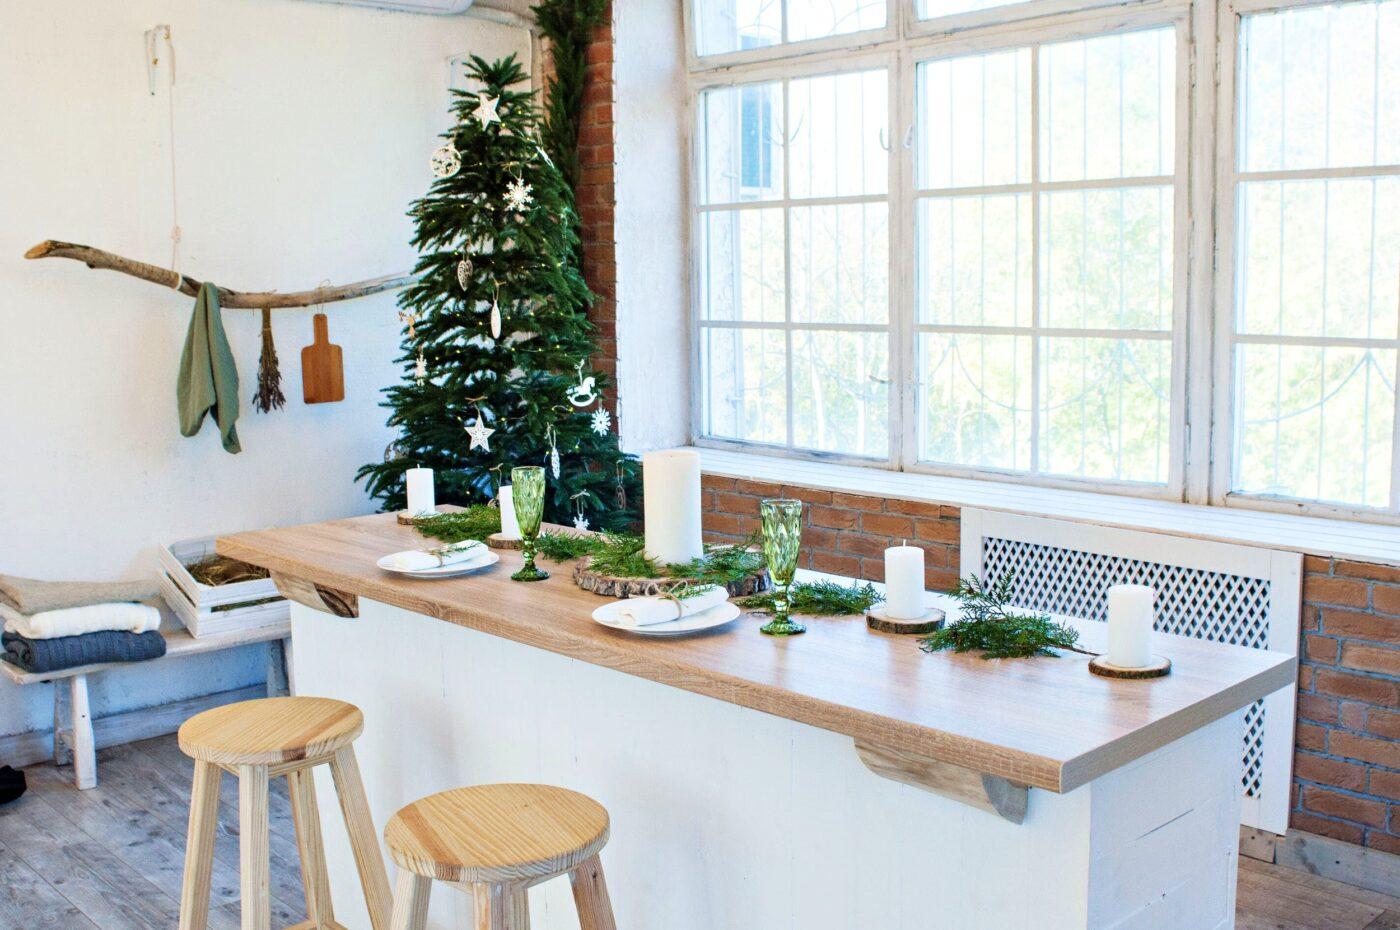 Decoración navideña en tu cocina: las ideas más creativas